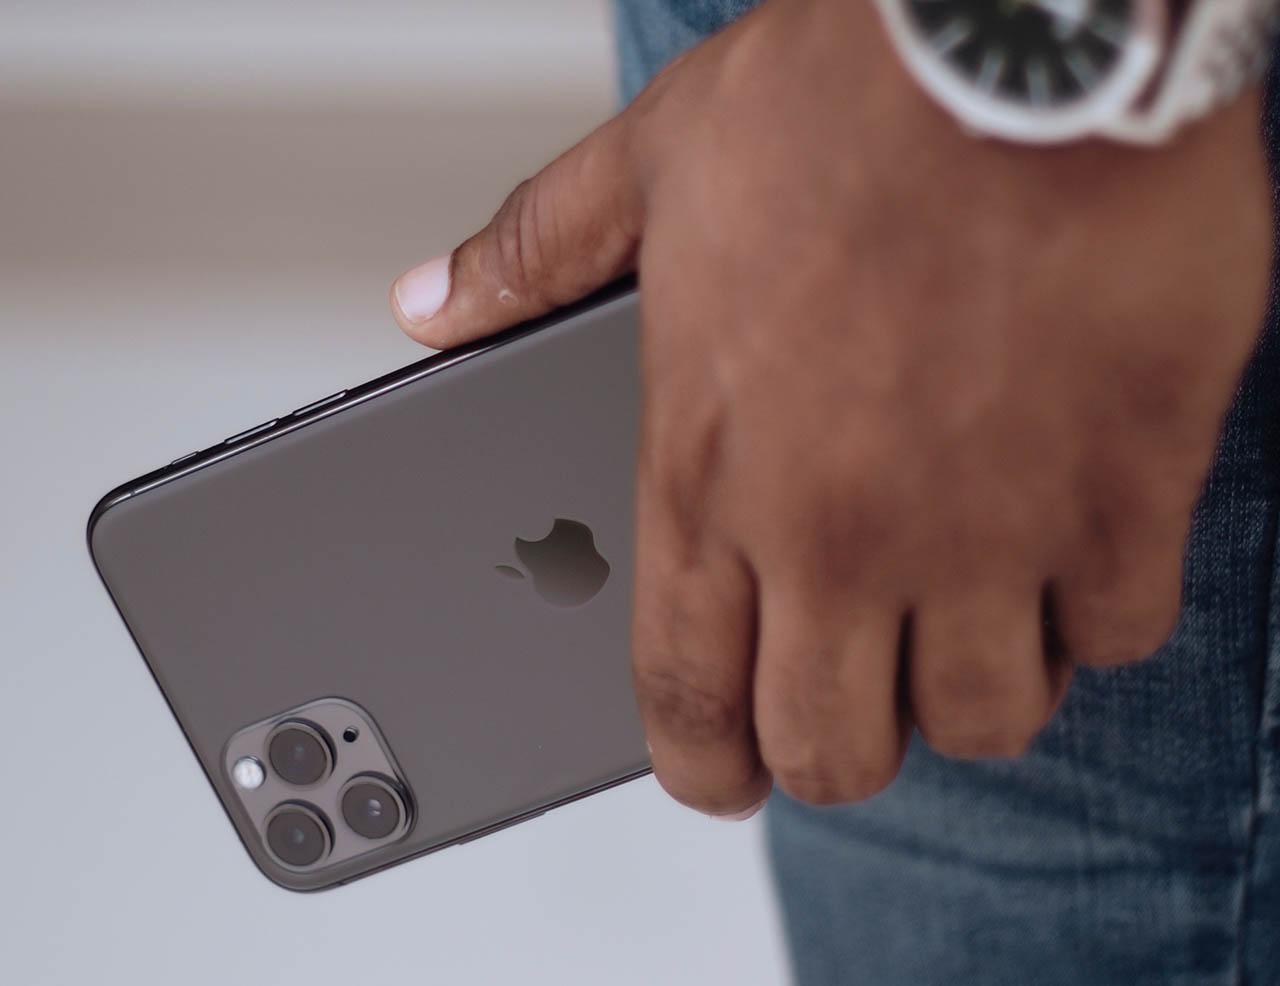 iPhone 11 Pro in hand van man